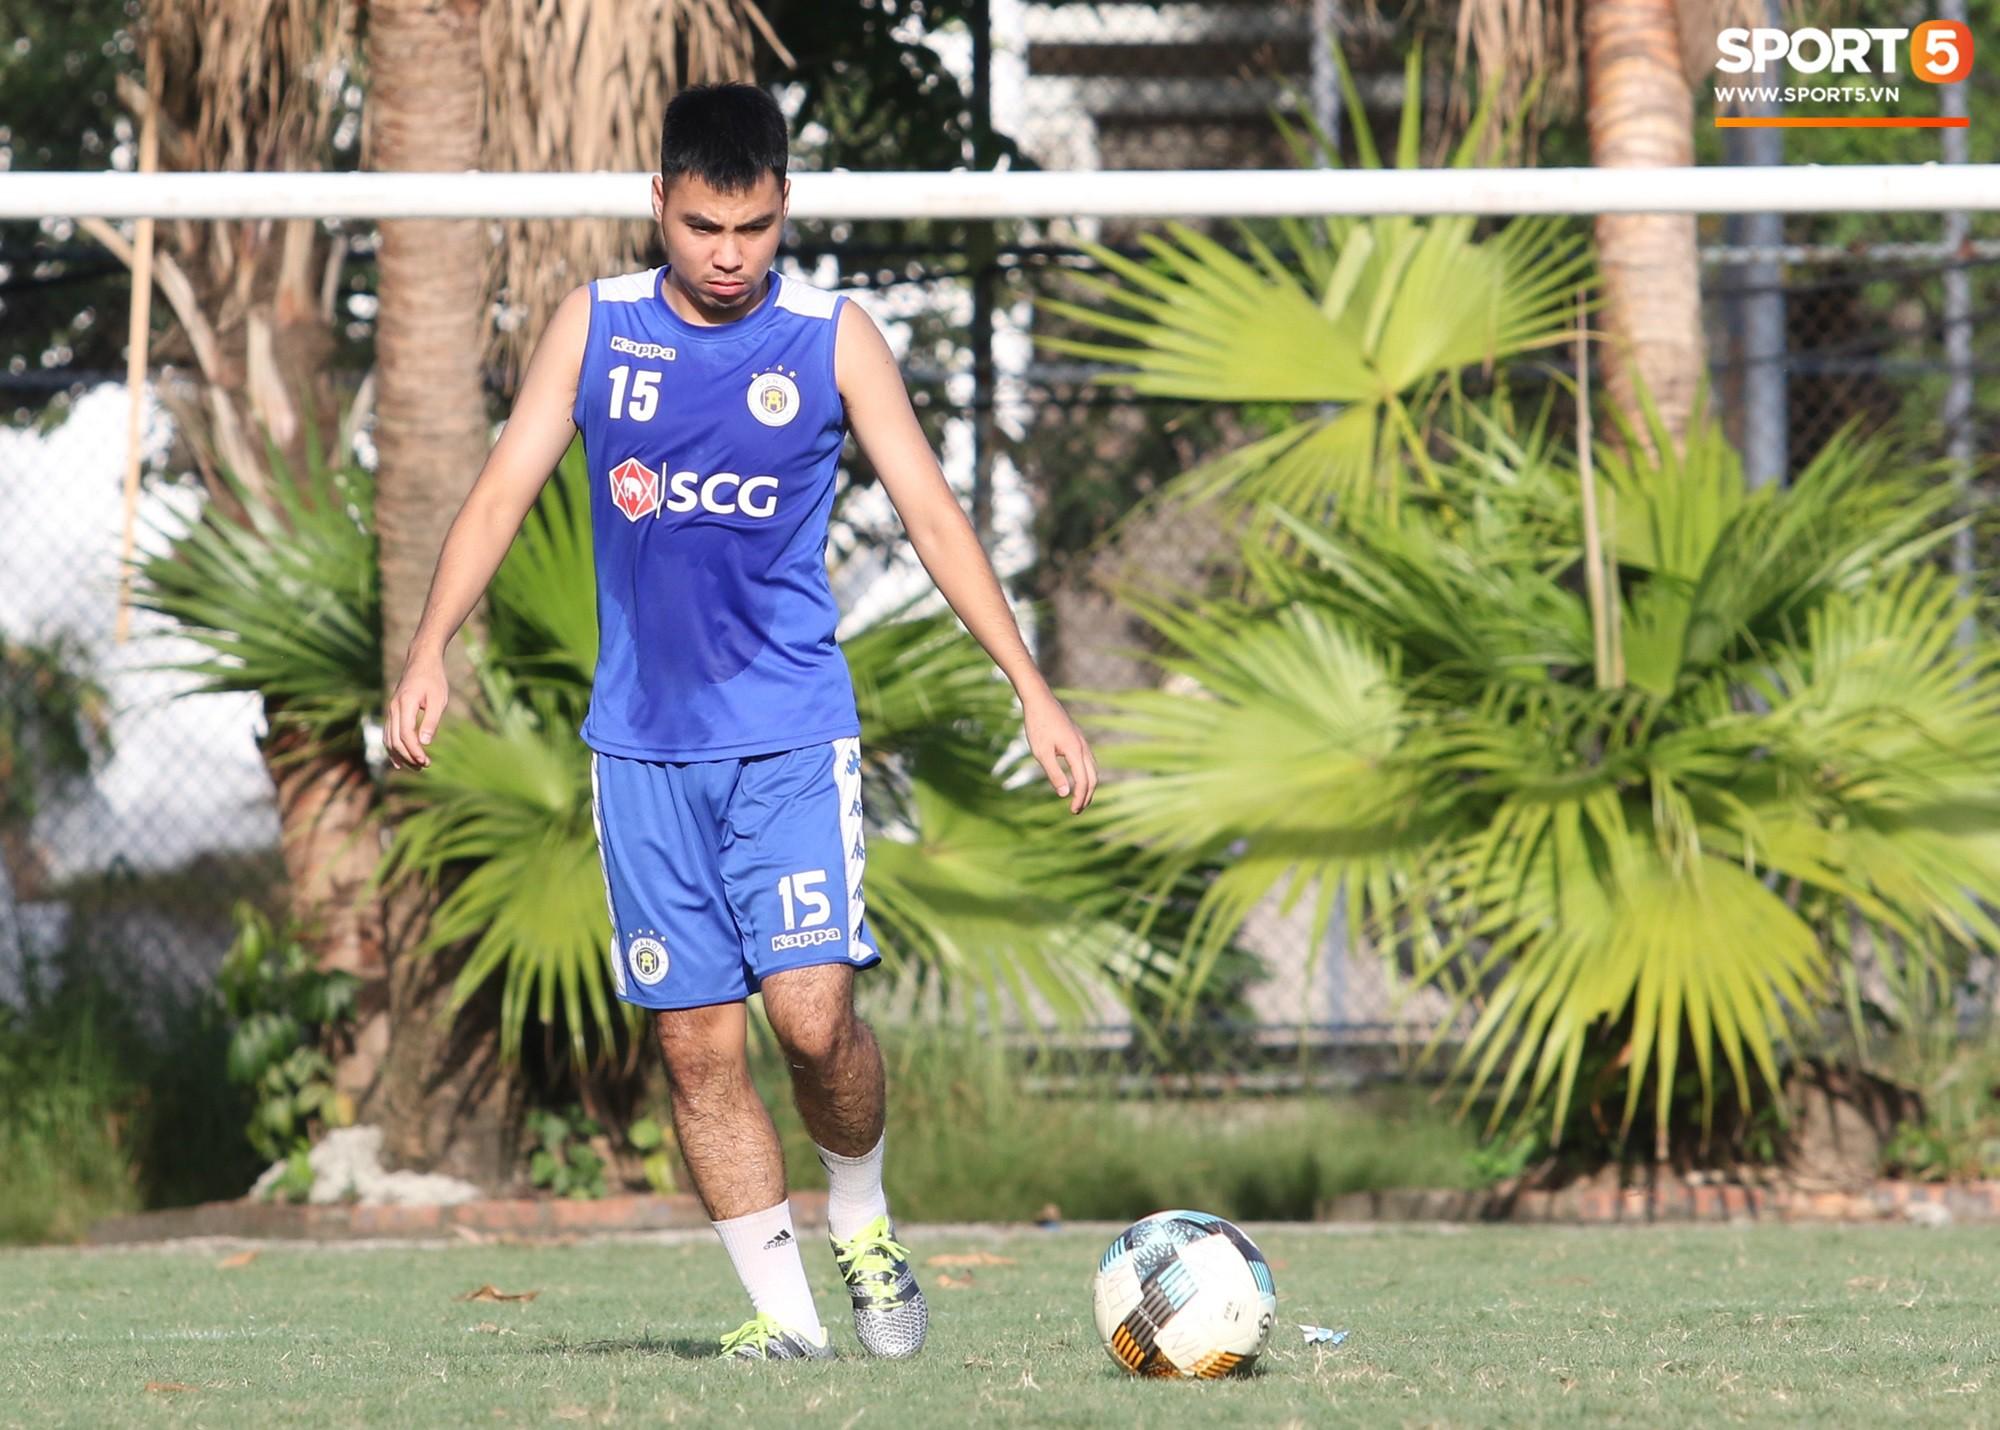 Cởi bỏ vẻ nghiêm nghị thường thấy, HLV của Hà Nội FC xỏ giày vào sân chơi lầy cùng Quang Hải, Duy Mạnh - Ảnh 1.